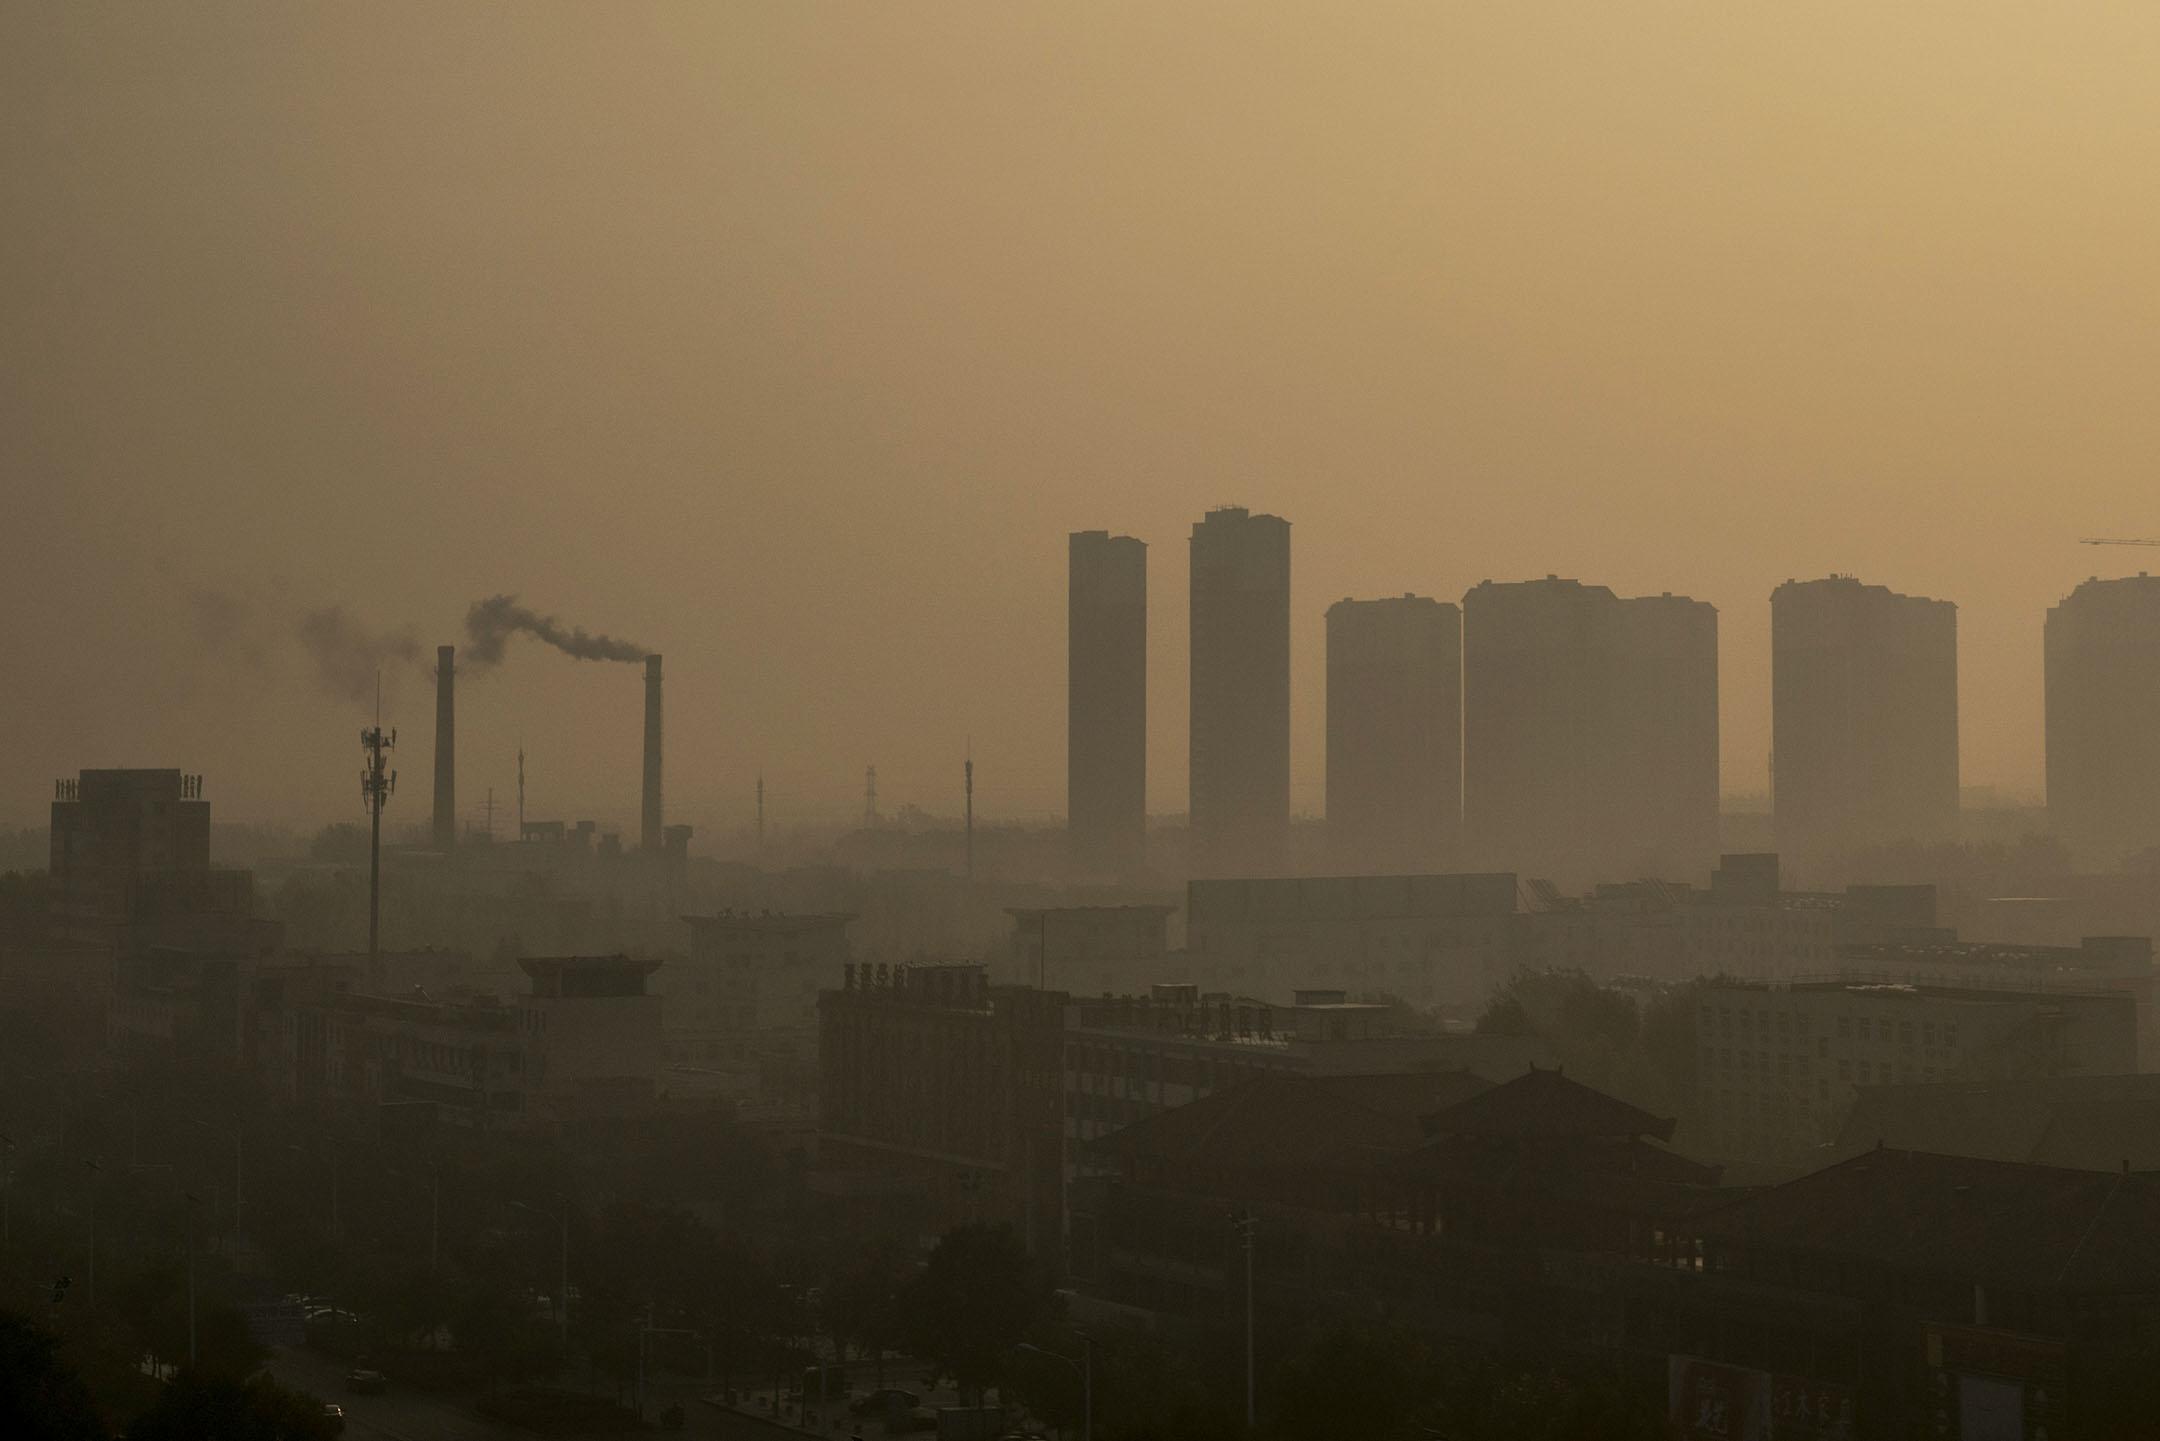 2018年11月12日,山東省的化工廠與民居相隔不遠,周圍天空被煙霧籠罩。  攝:Zhang Peng/LightRocket via Getty Images